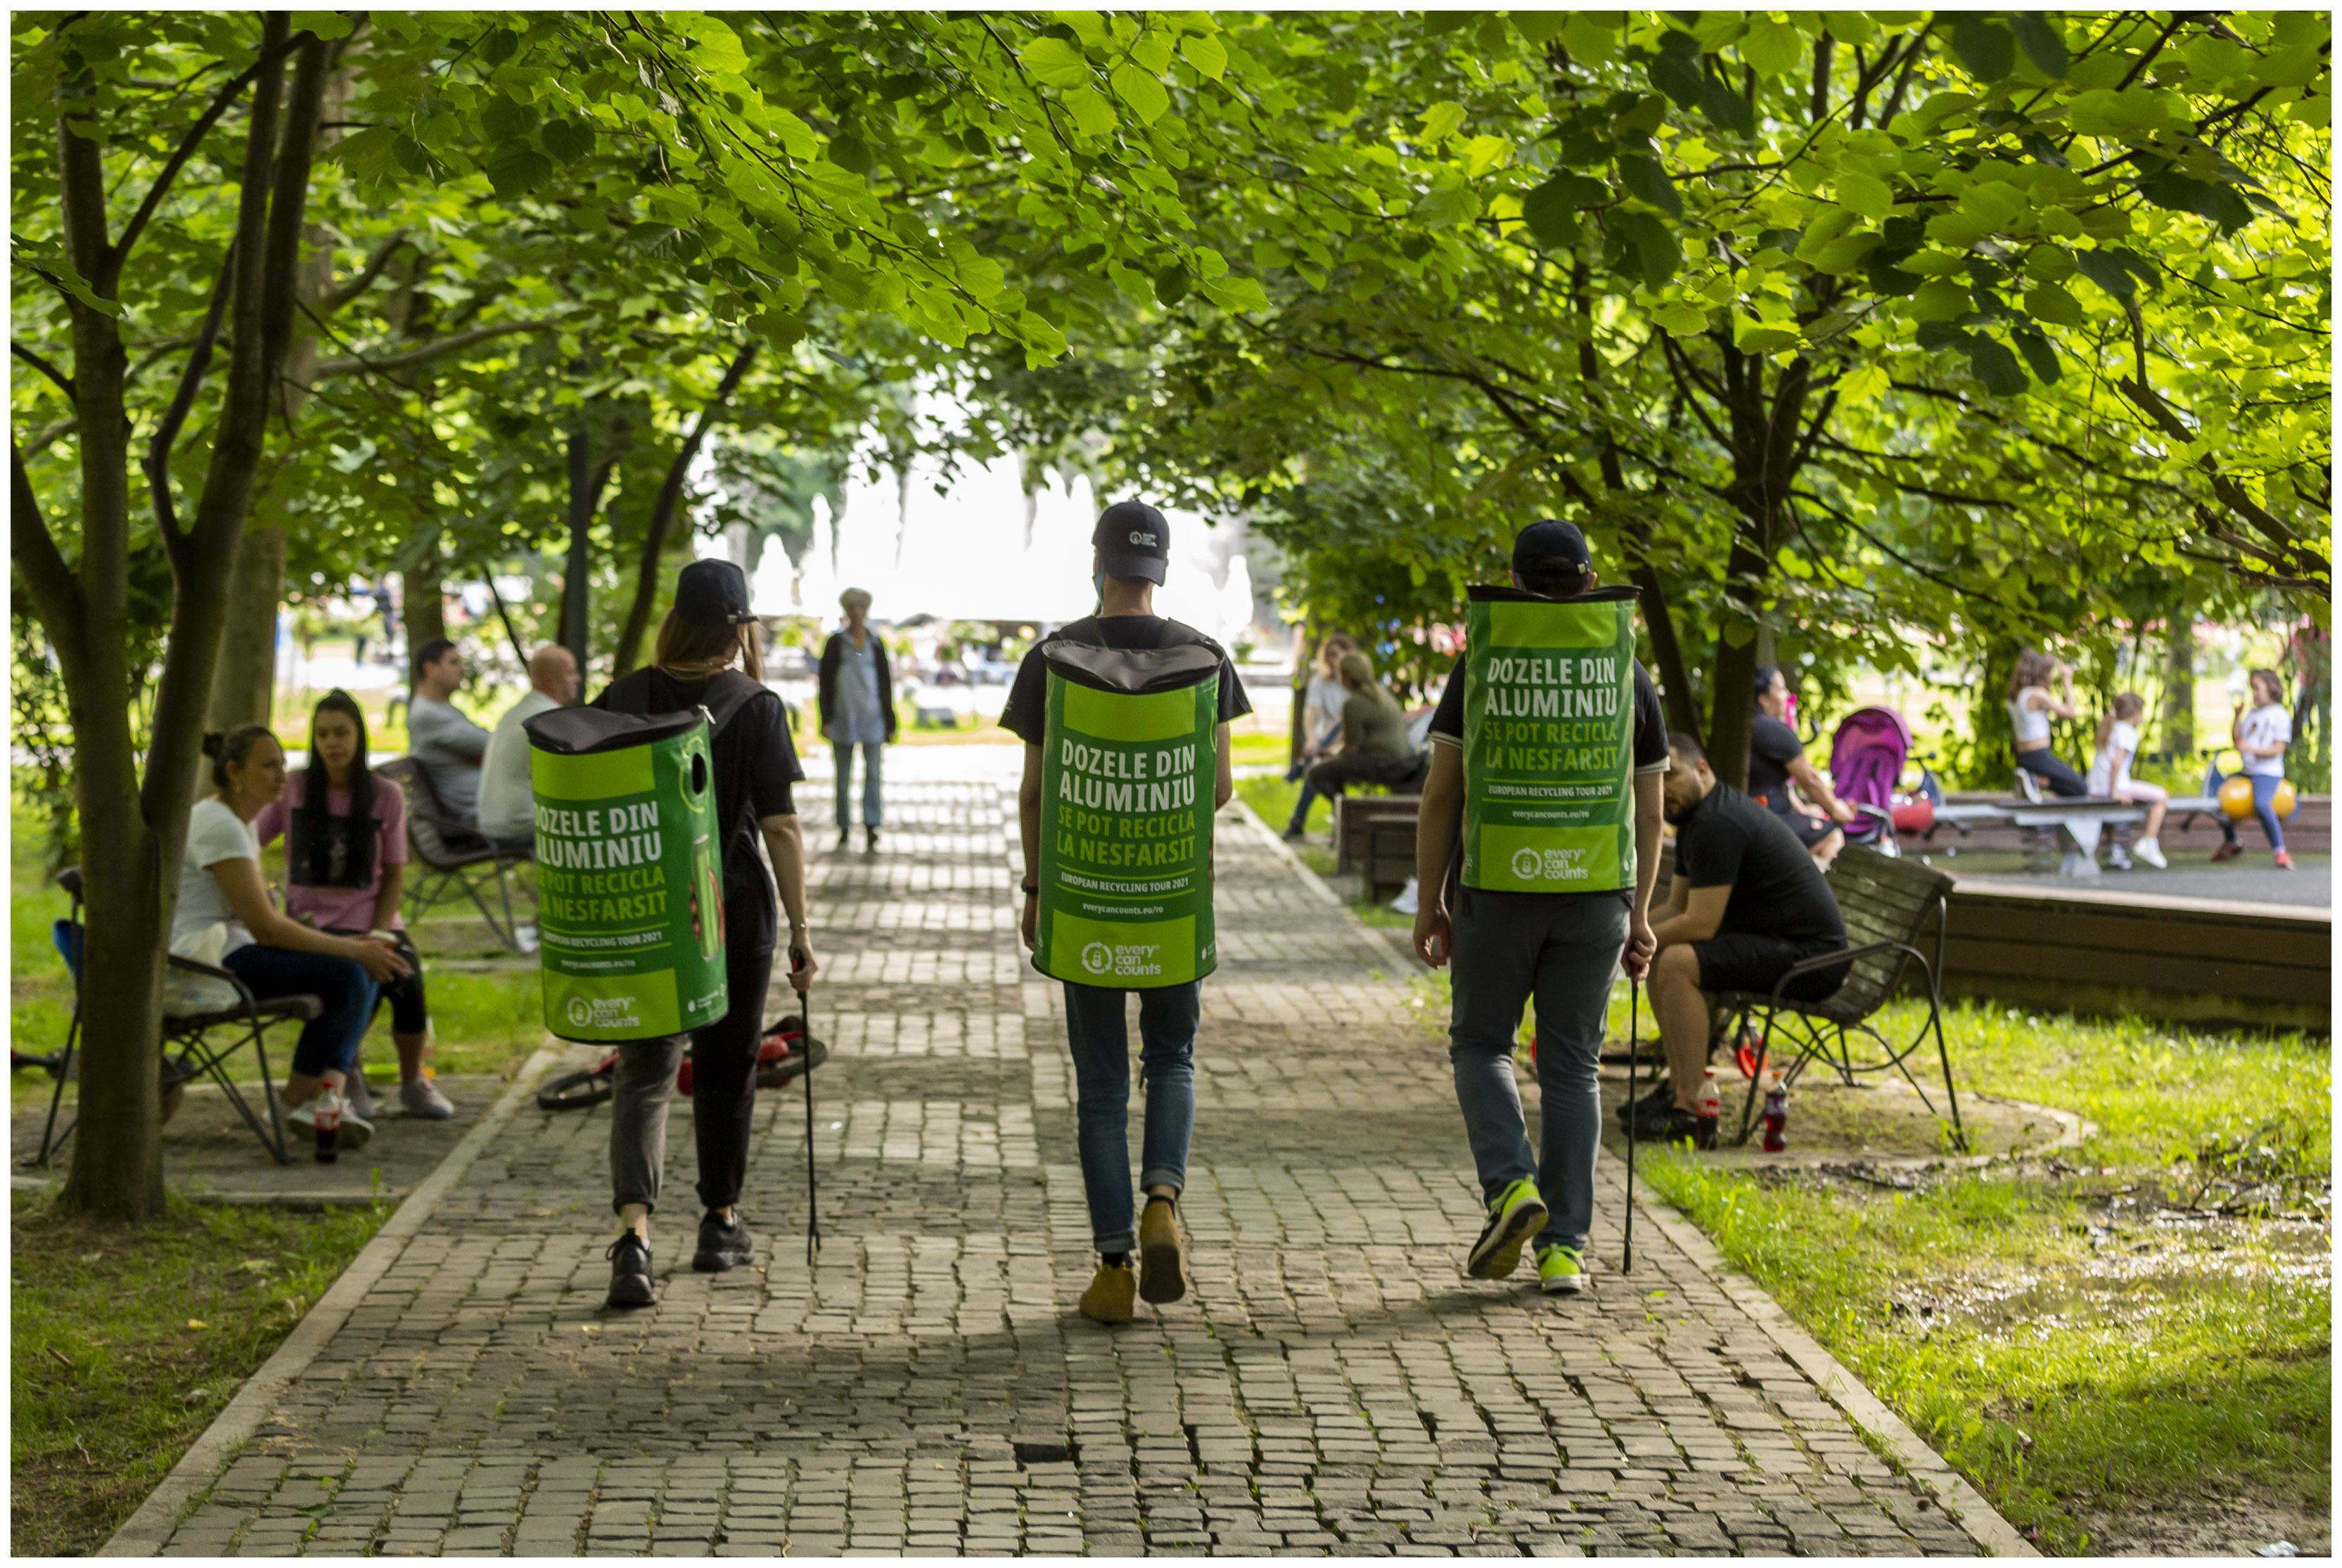 Every Can Counts: peste 4 milioane de europeni inspiraţi de European Recycling Tour să recicleze dozele din aluminiu